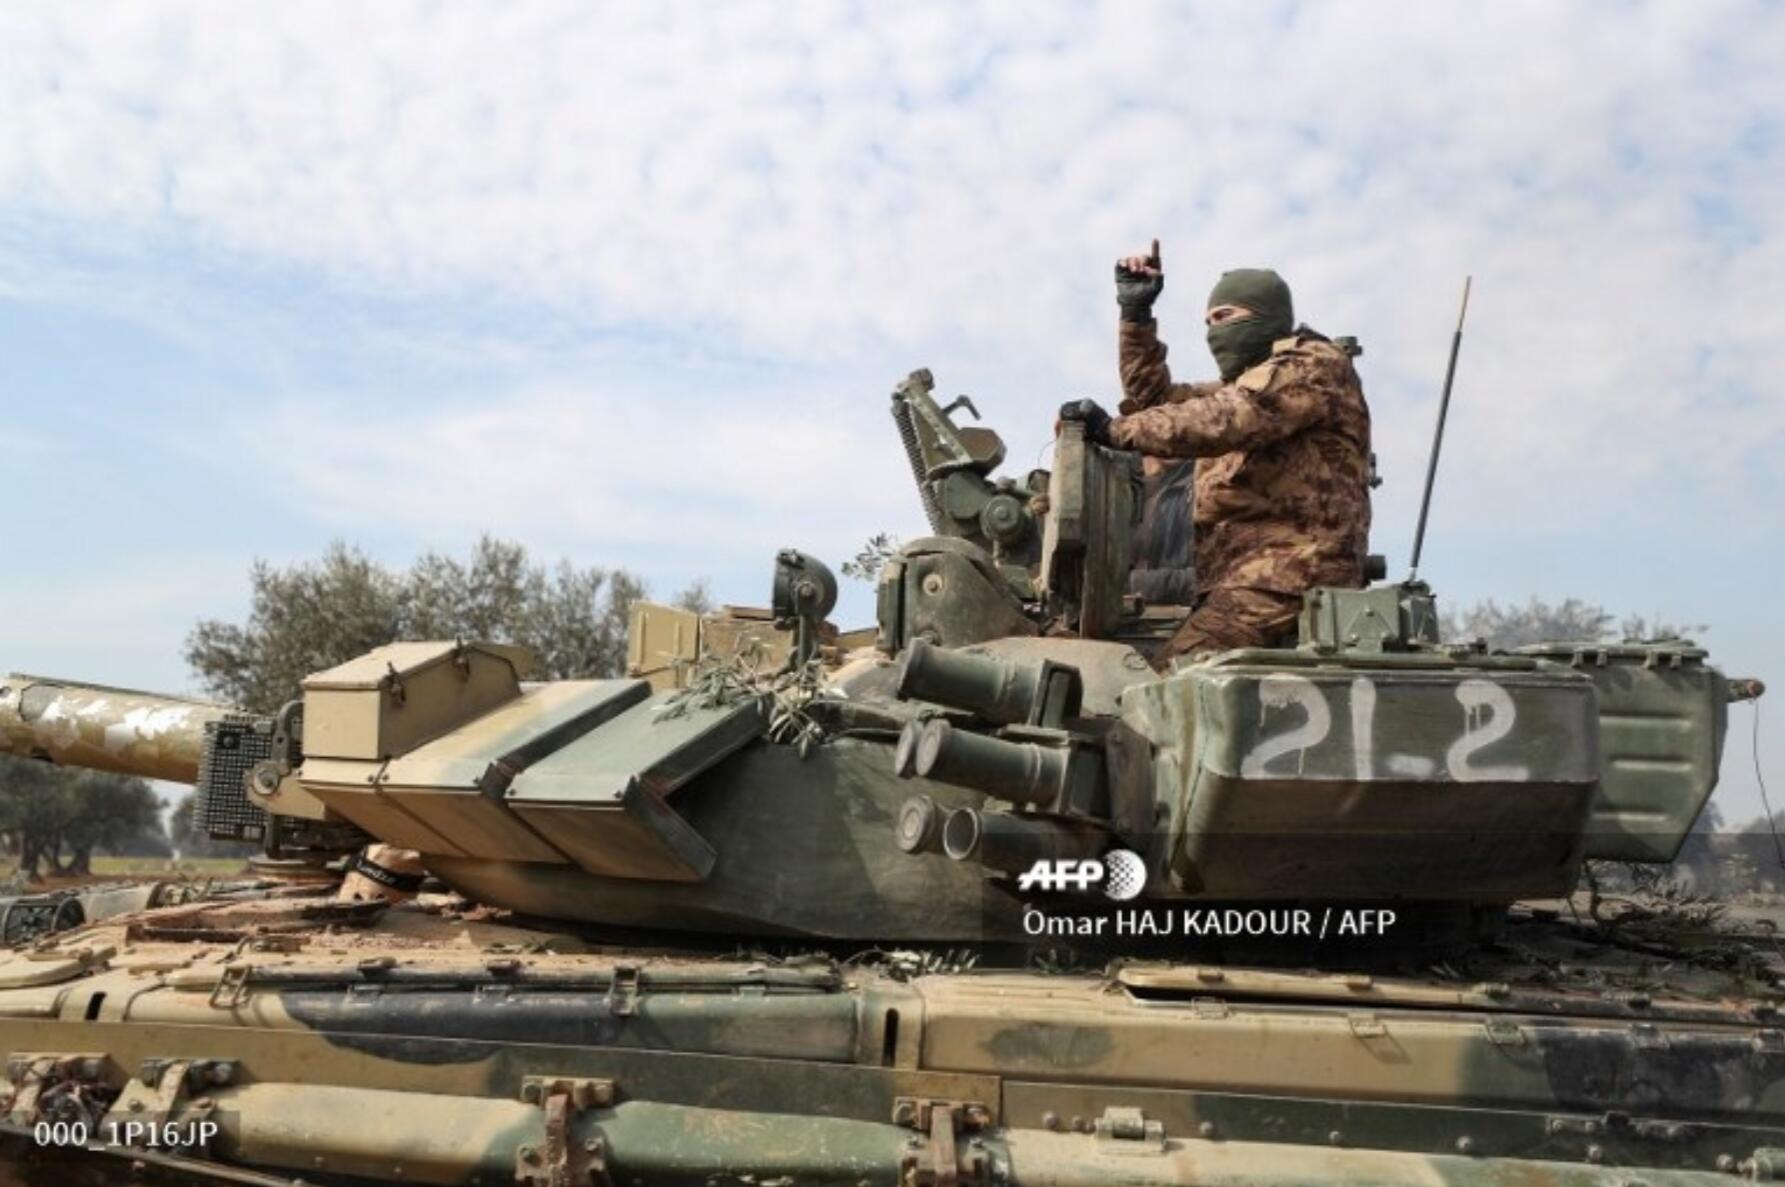 叙利亚政府军弄丢T-90坦克再次现身战场已成敌人